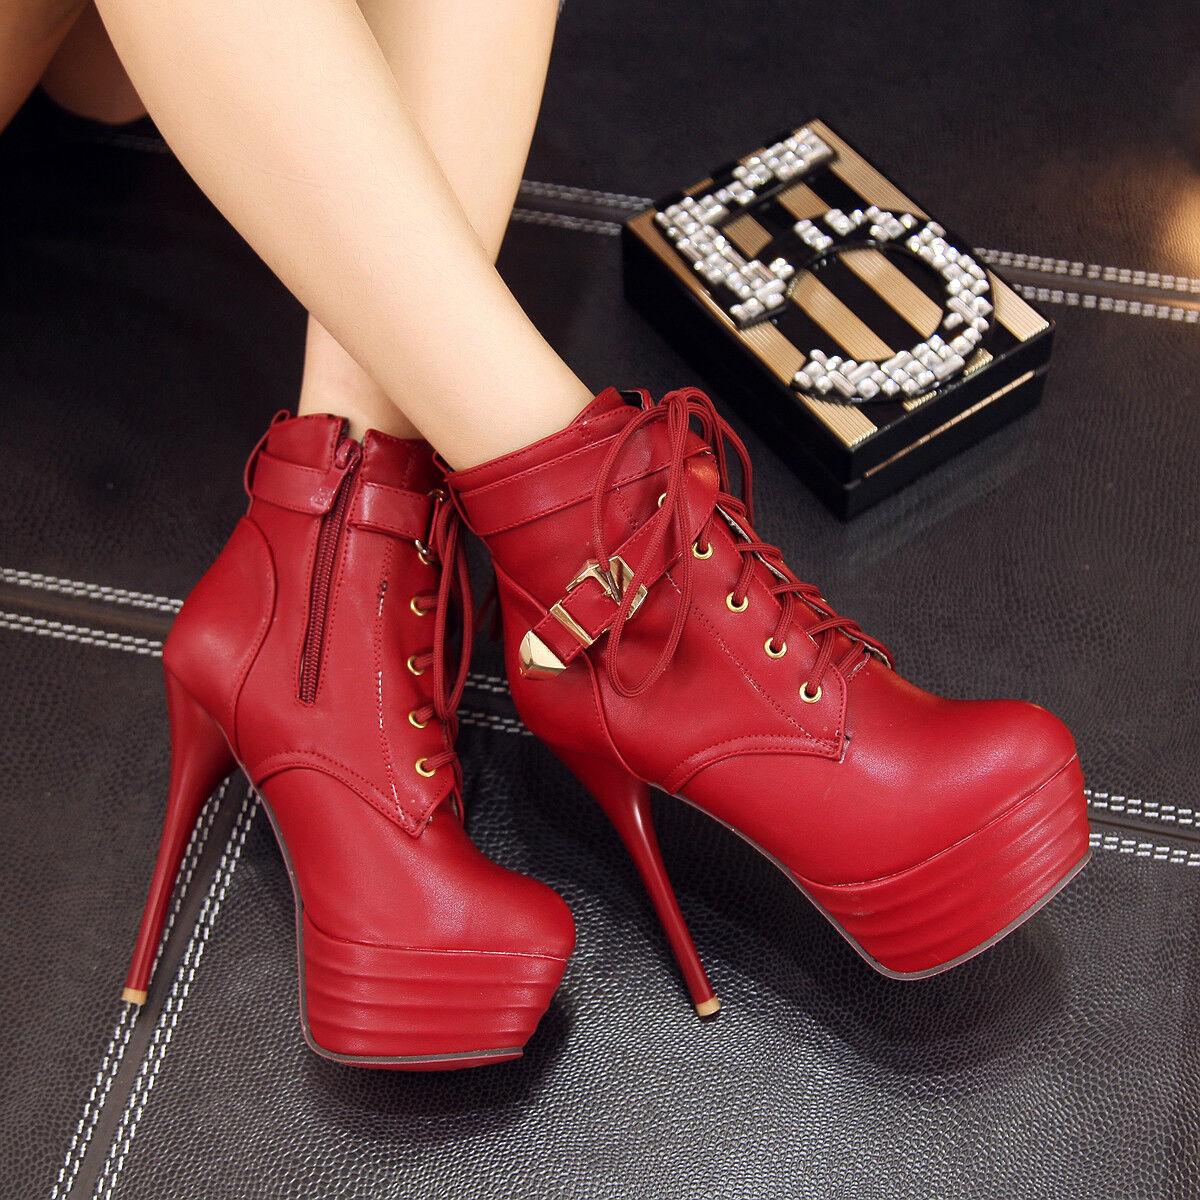 Ankle Stiefel High heels Platform Stiletto 33-43 Schnalle Stiefeletten Damenschuhe